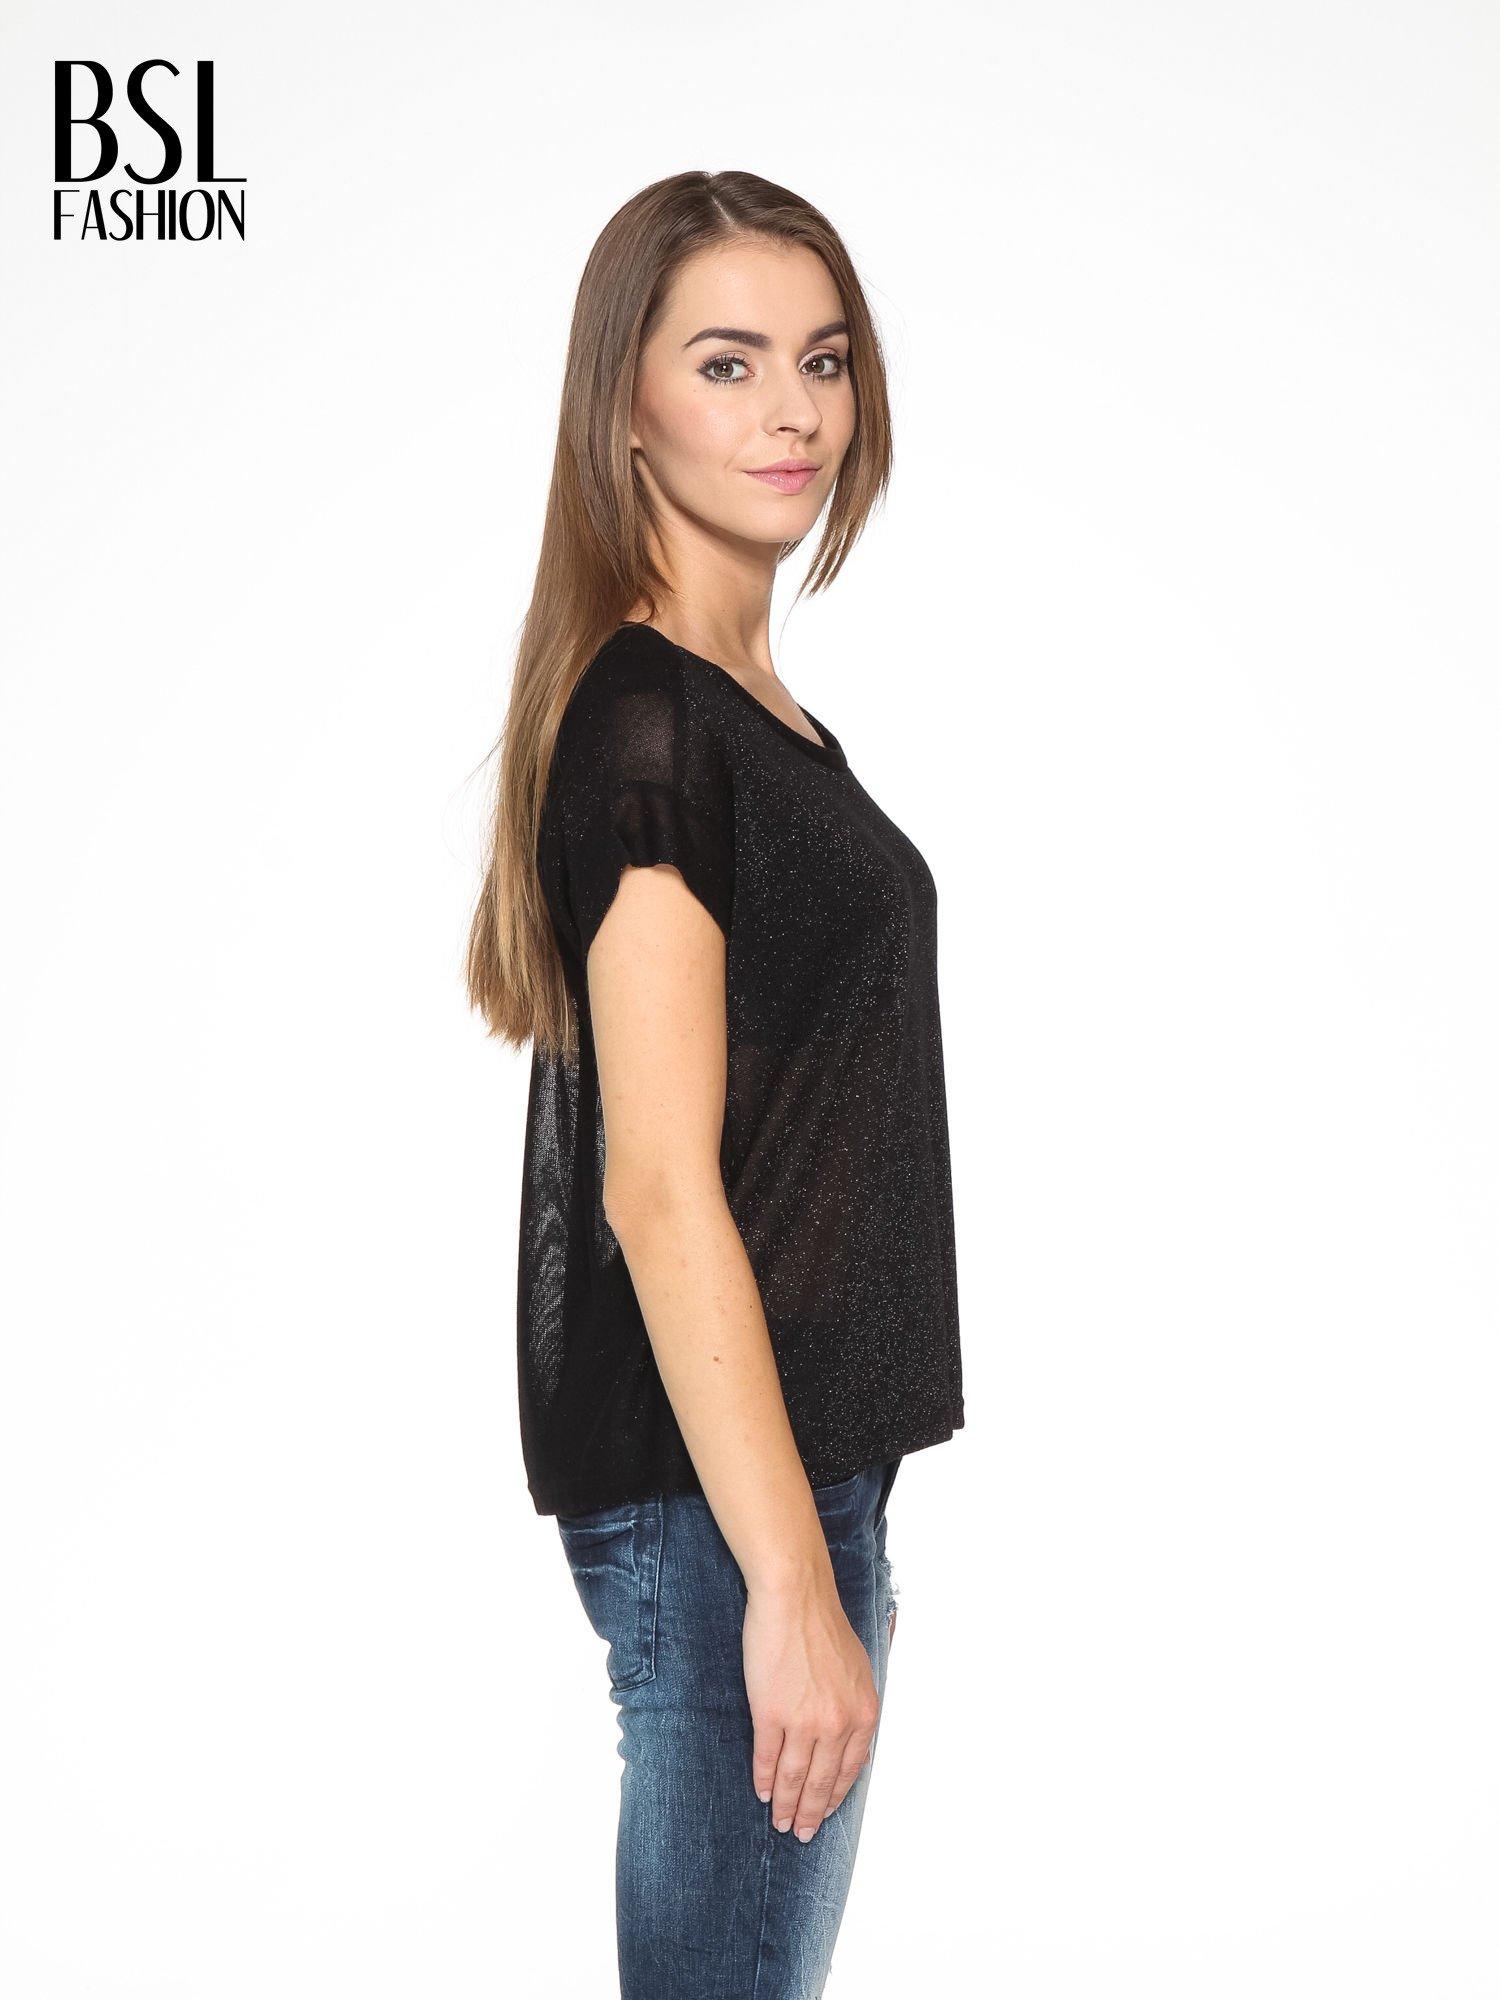 Czarny transparentny t-shirt przeplatany srebrną nicią                                  zdj.                                  3